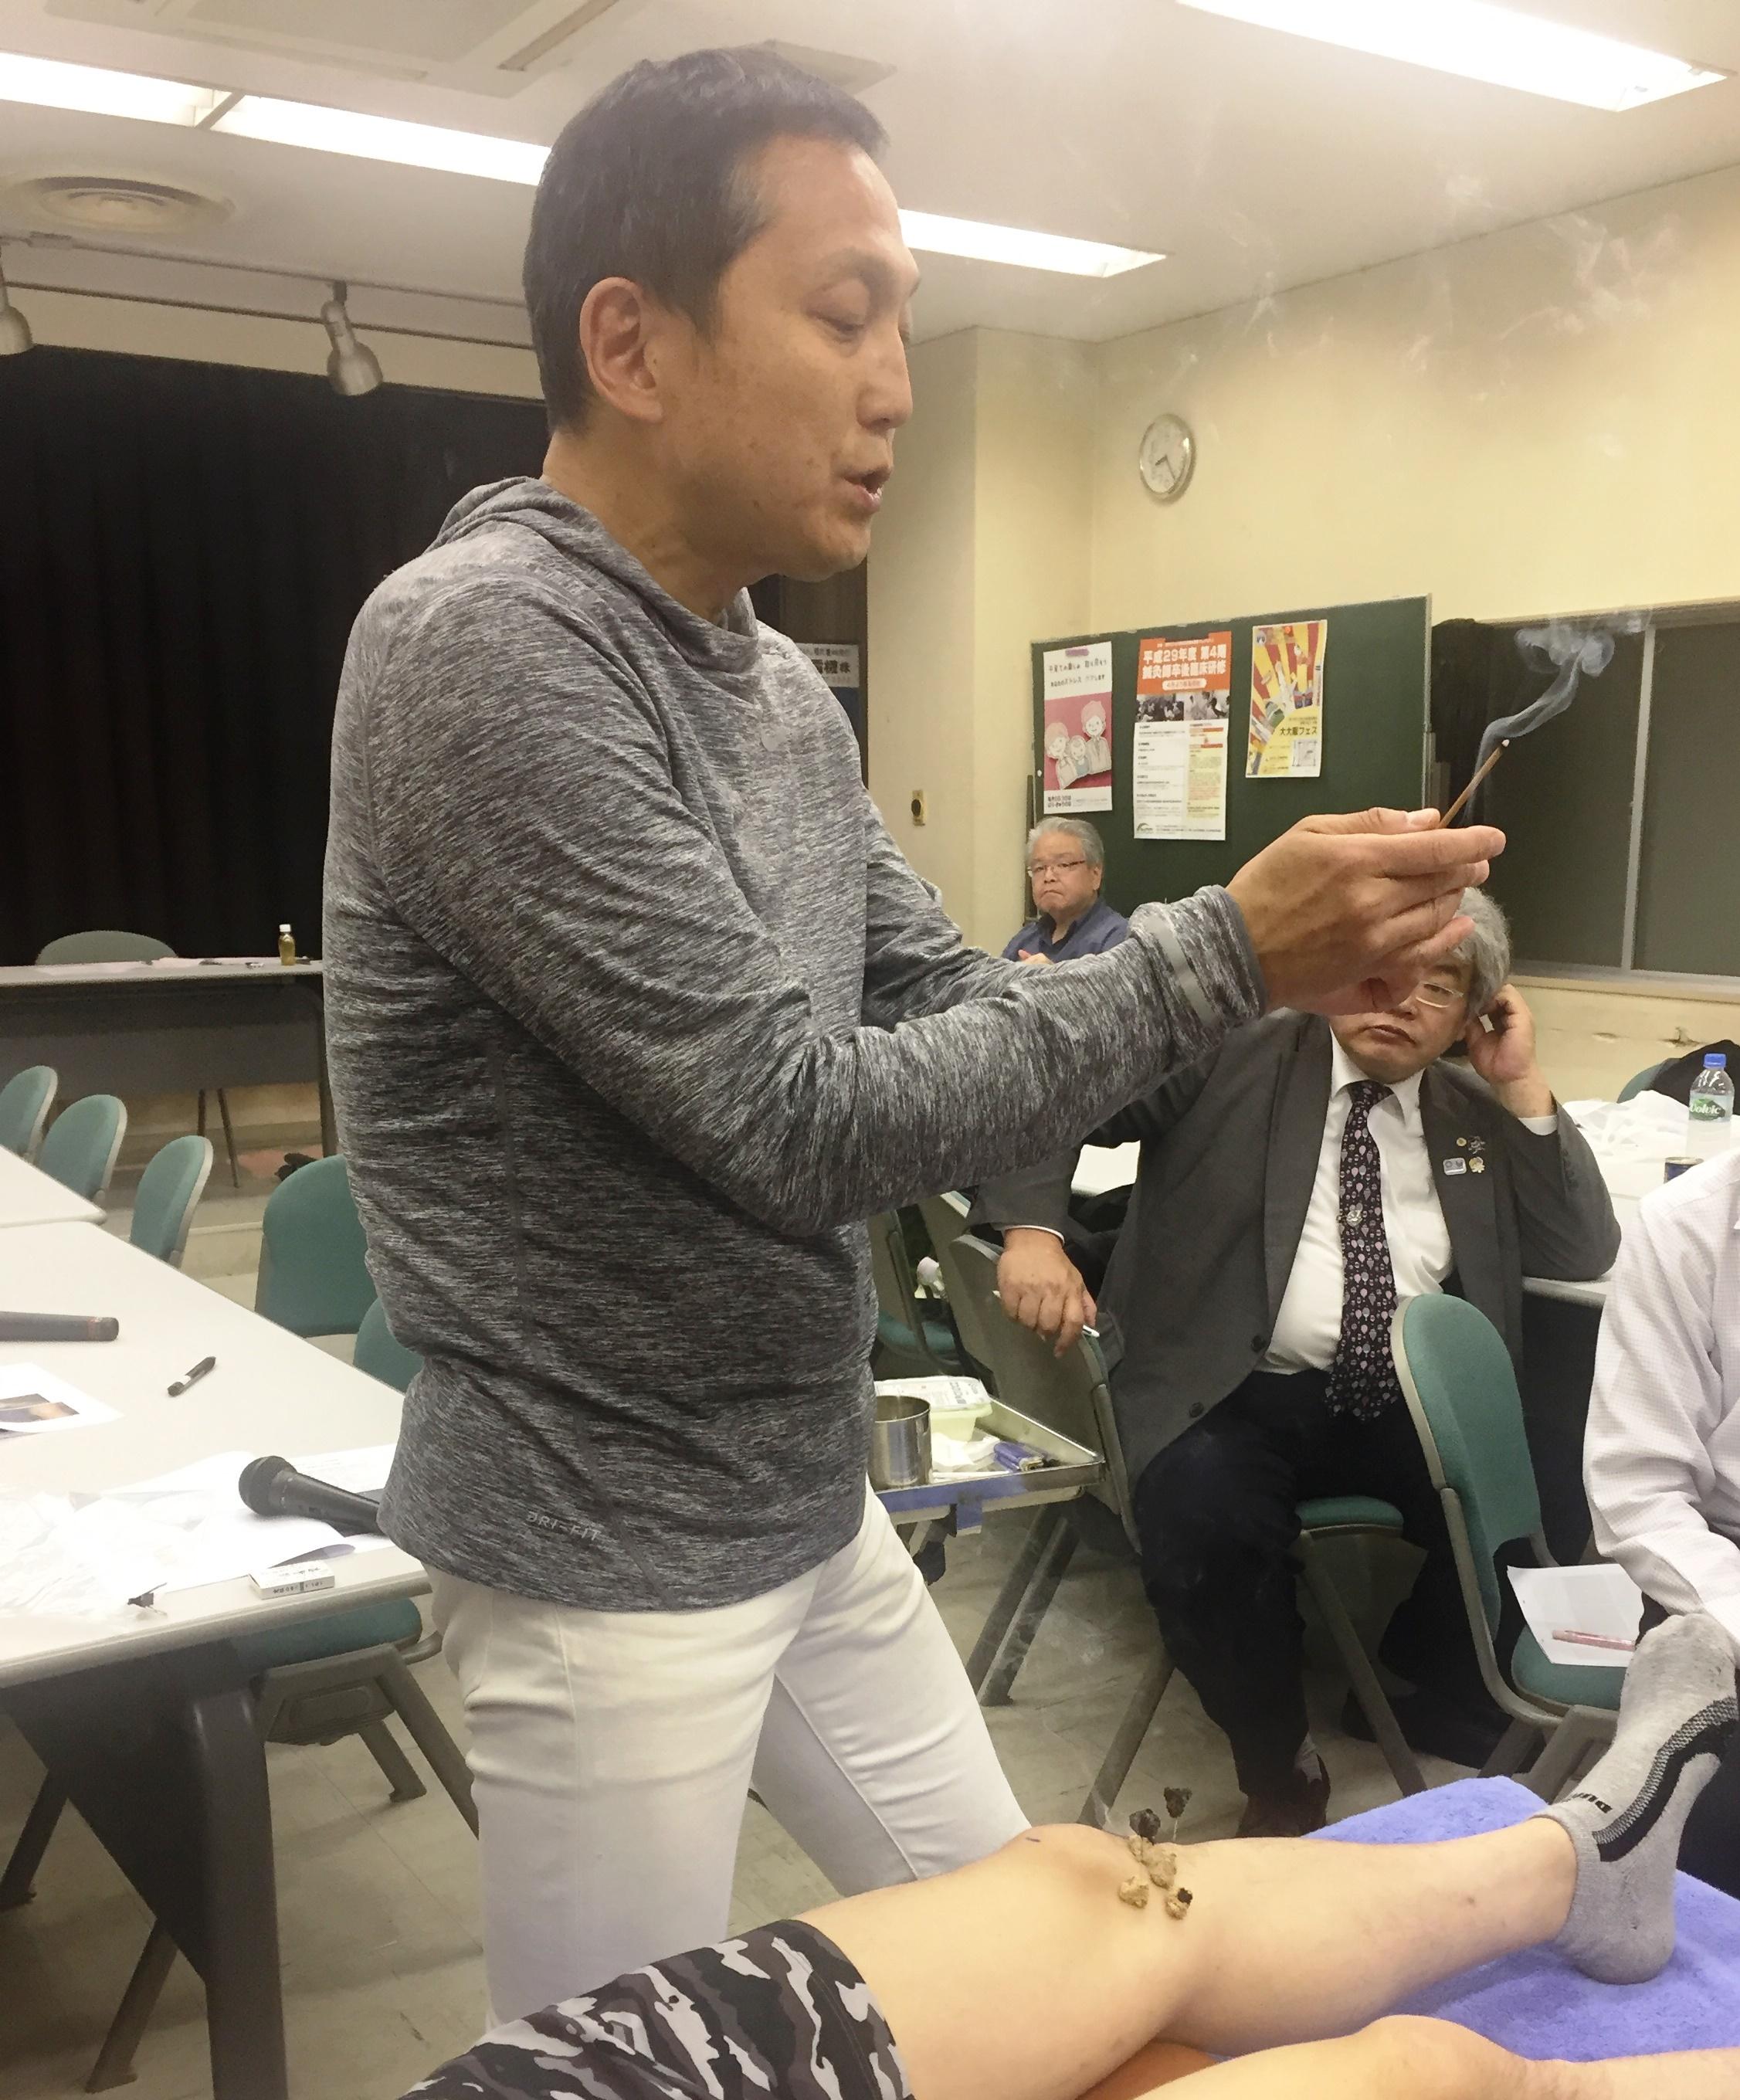 臨床のコツ:『変形性膝関節症へCS‐30テスト法を用いた運動指導と灸頭鍼治療』三浦 洋